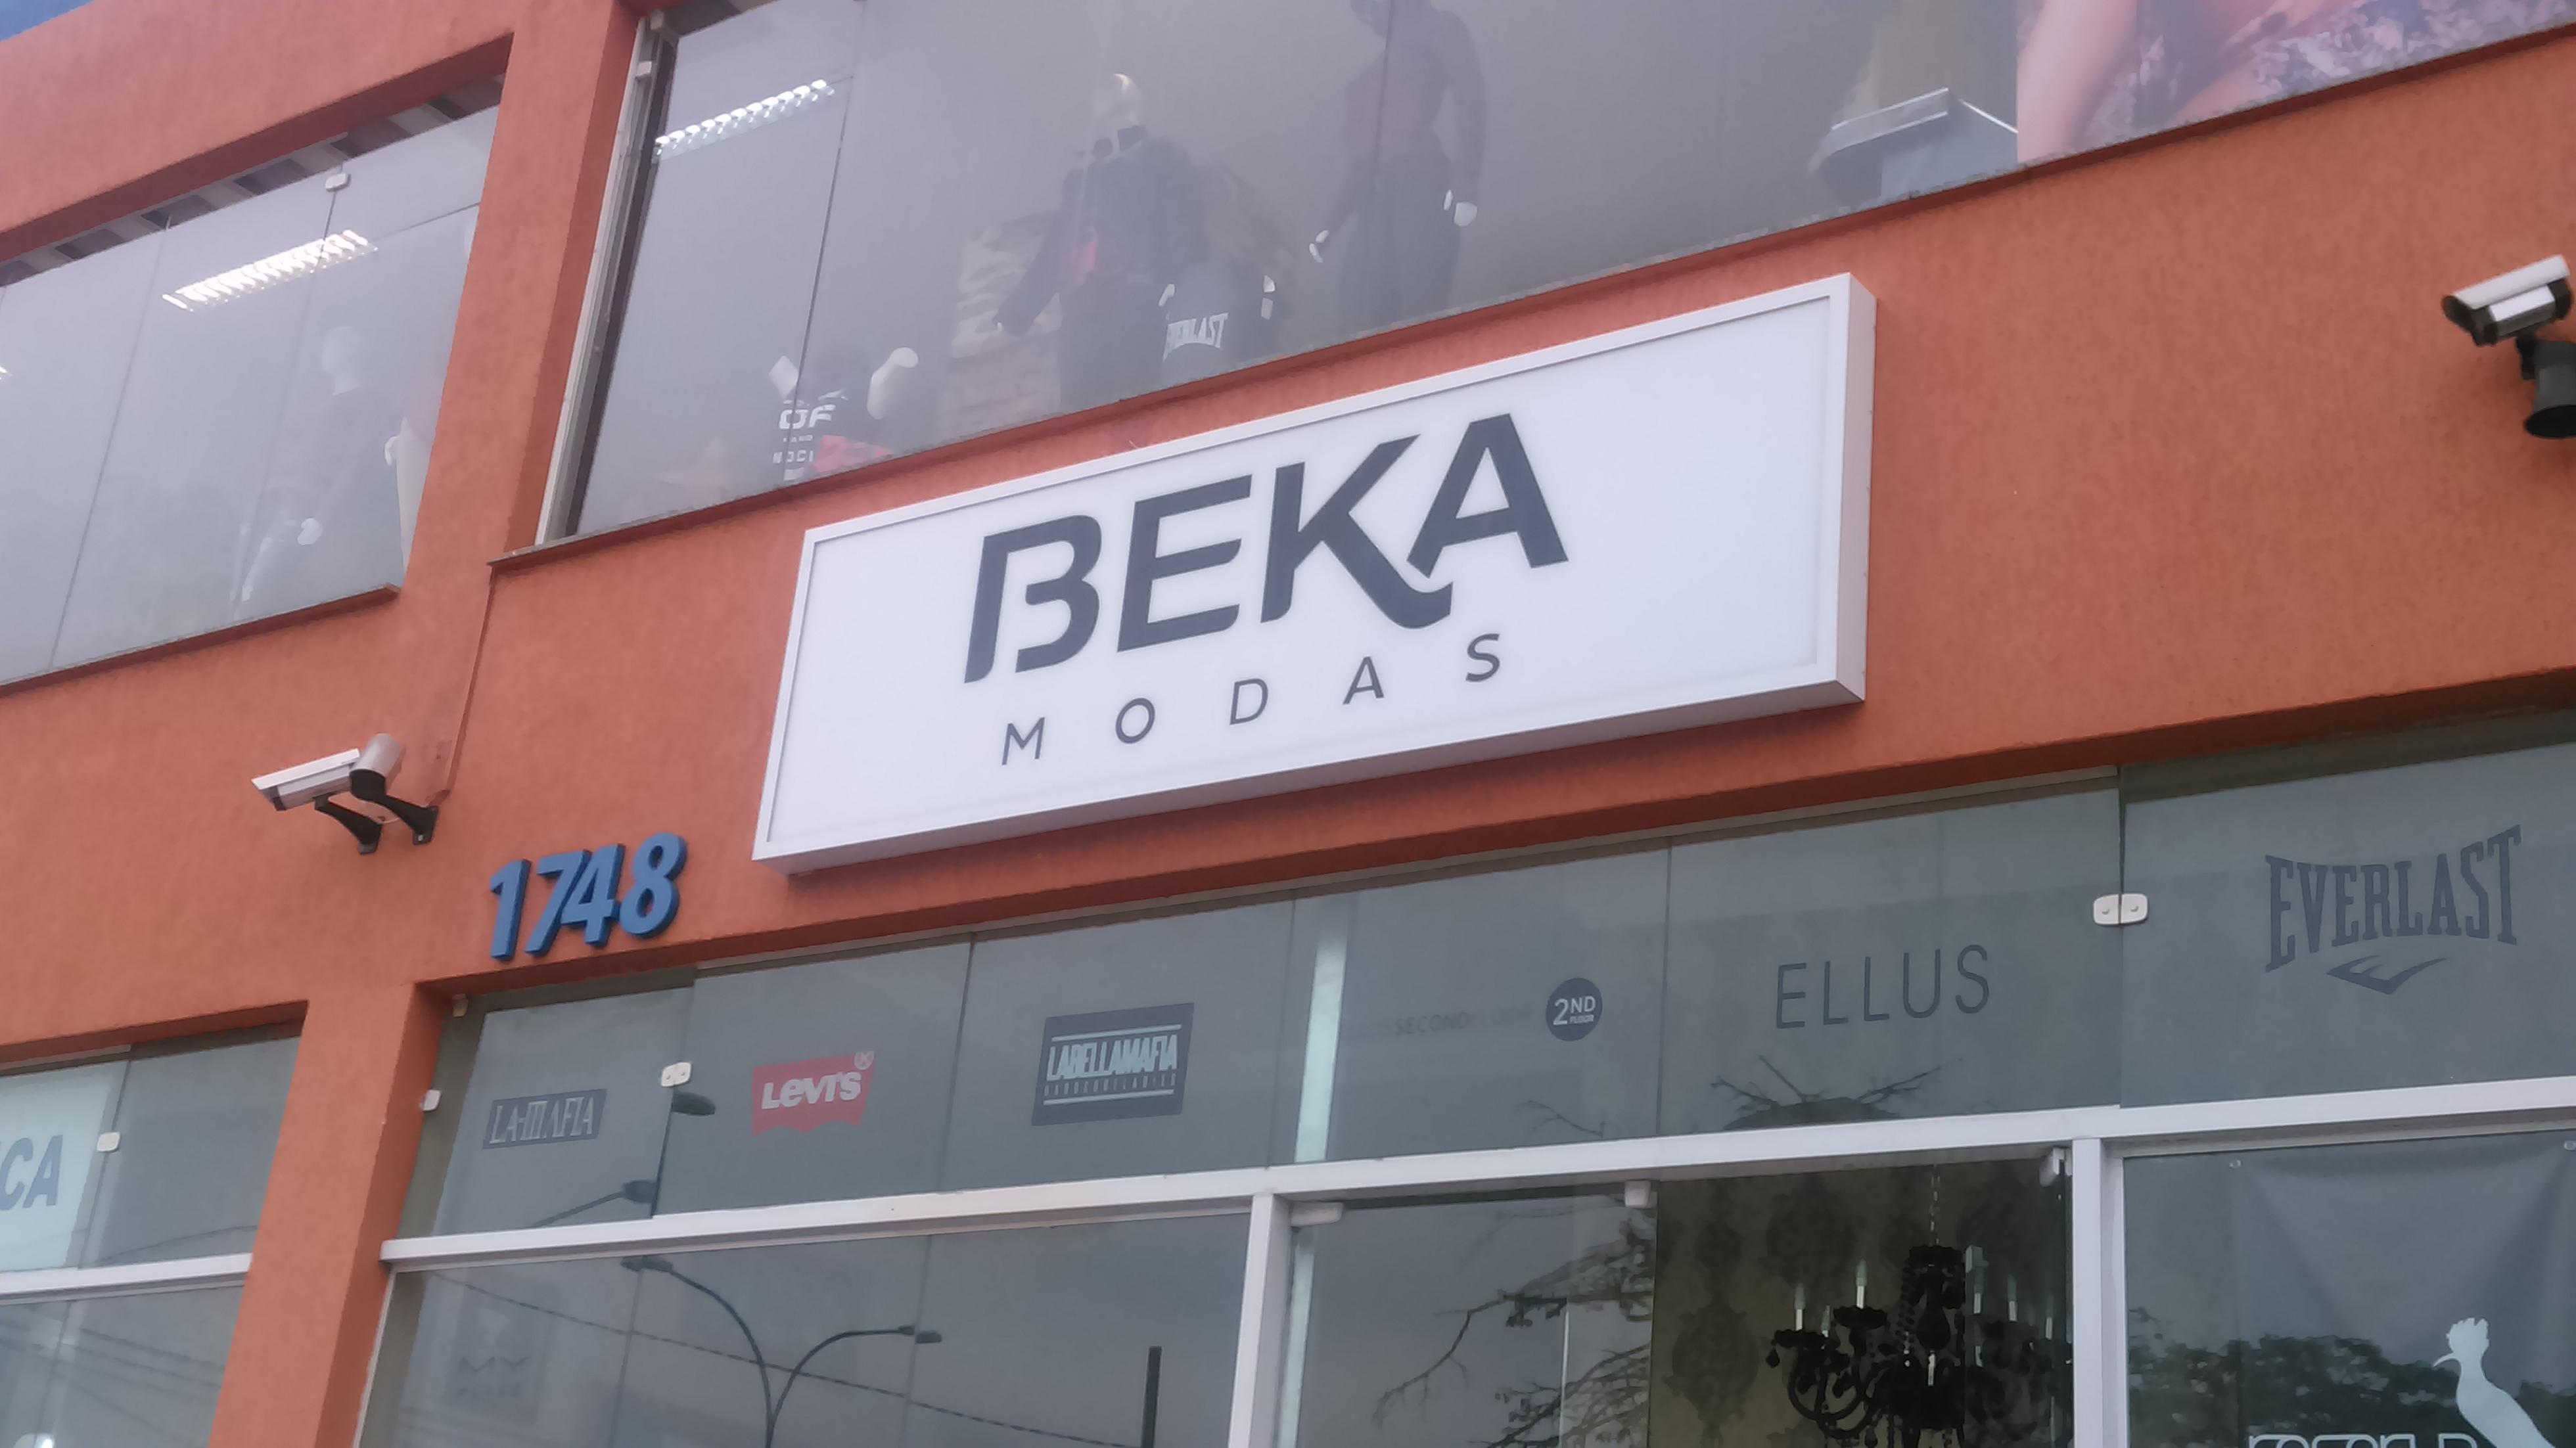 Beka Modas